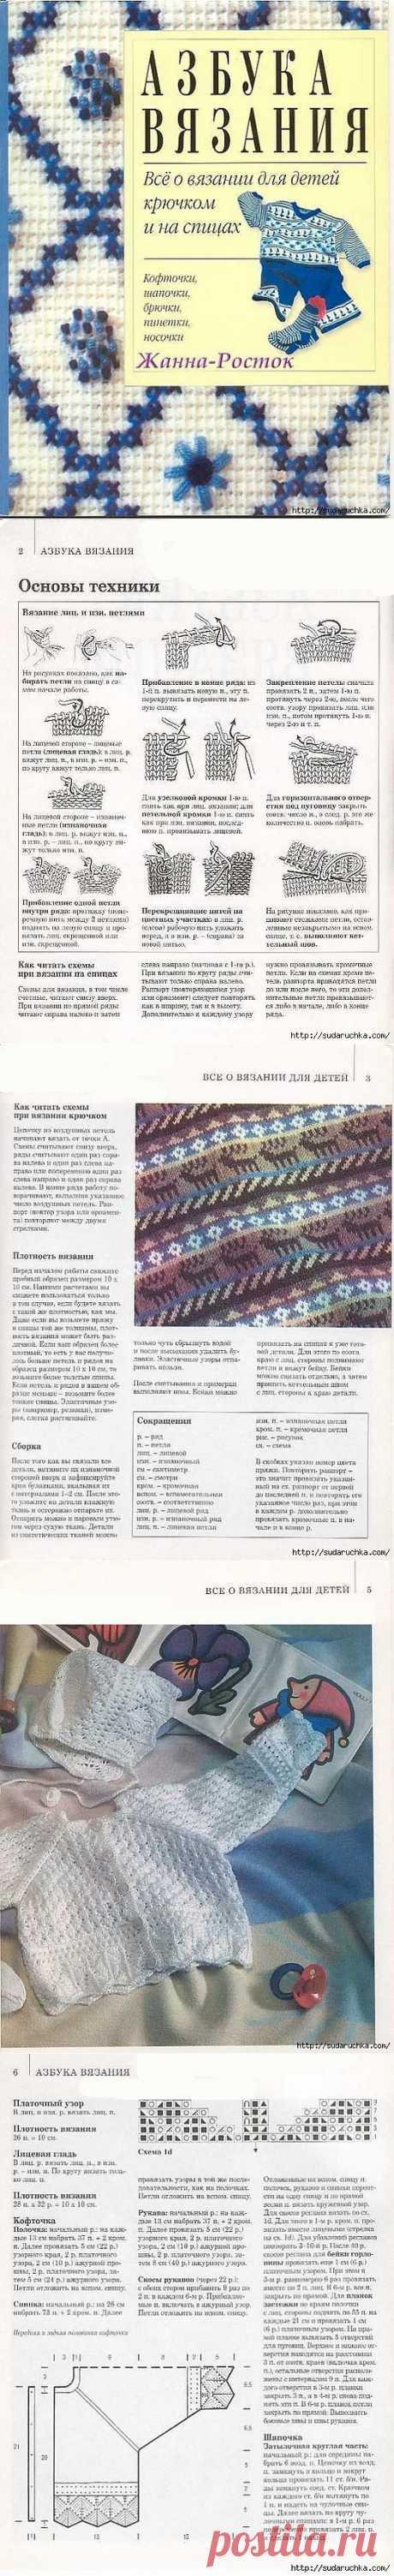 """""""Азбука вязания - вся о вязании для детей, крючком и спицами"""".Журнал по вязанию.."""